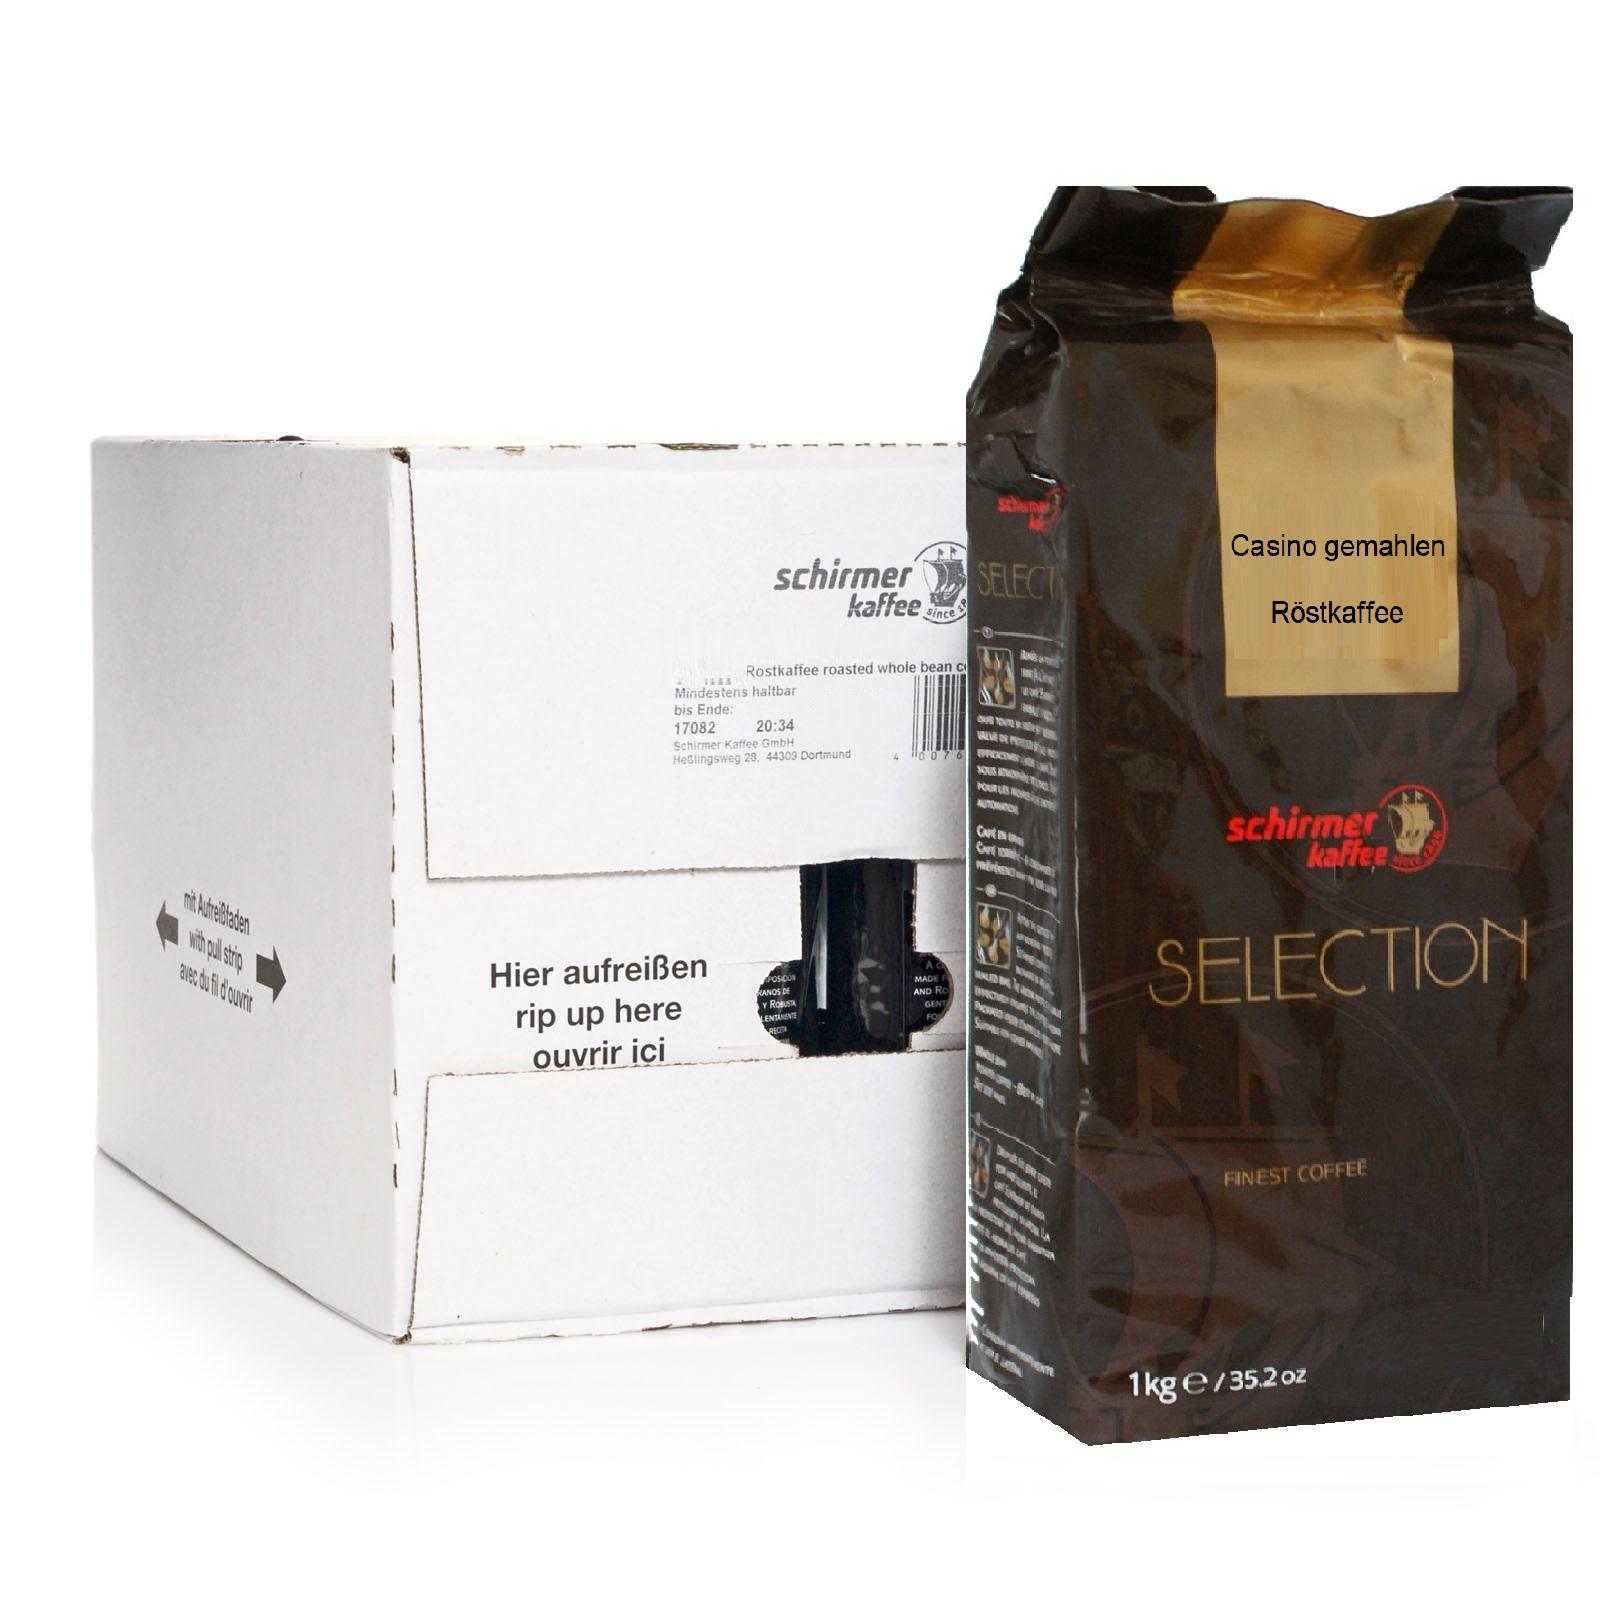 Schirmer Selection Casino Kaffee gemahlen 5 x 1kg